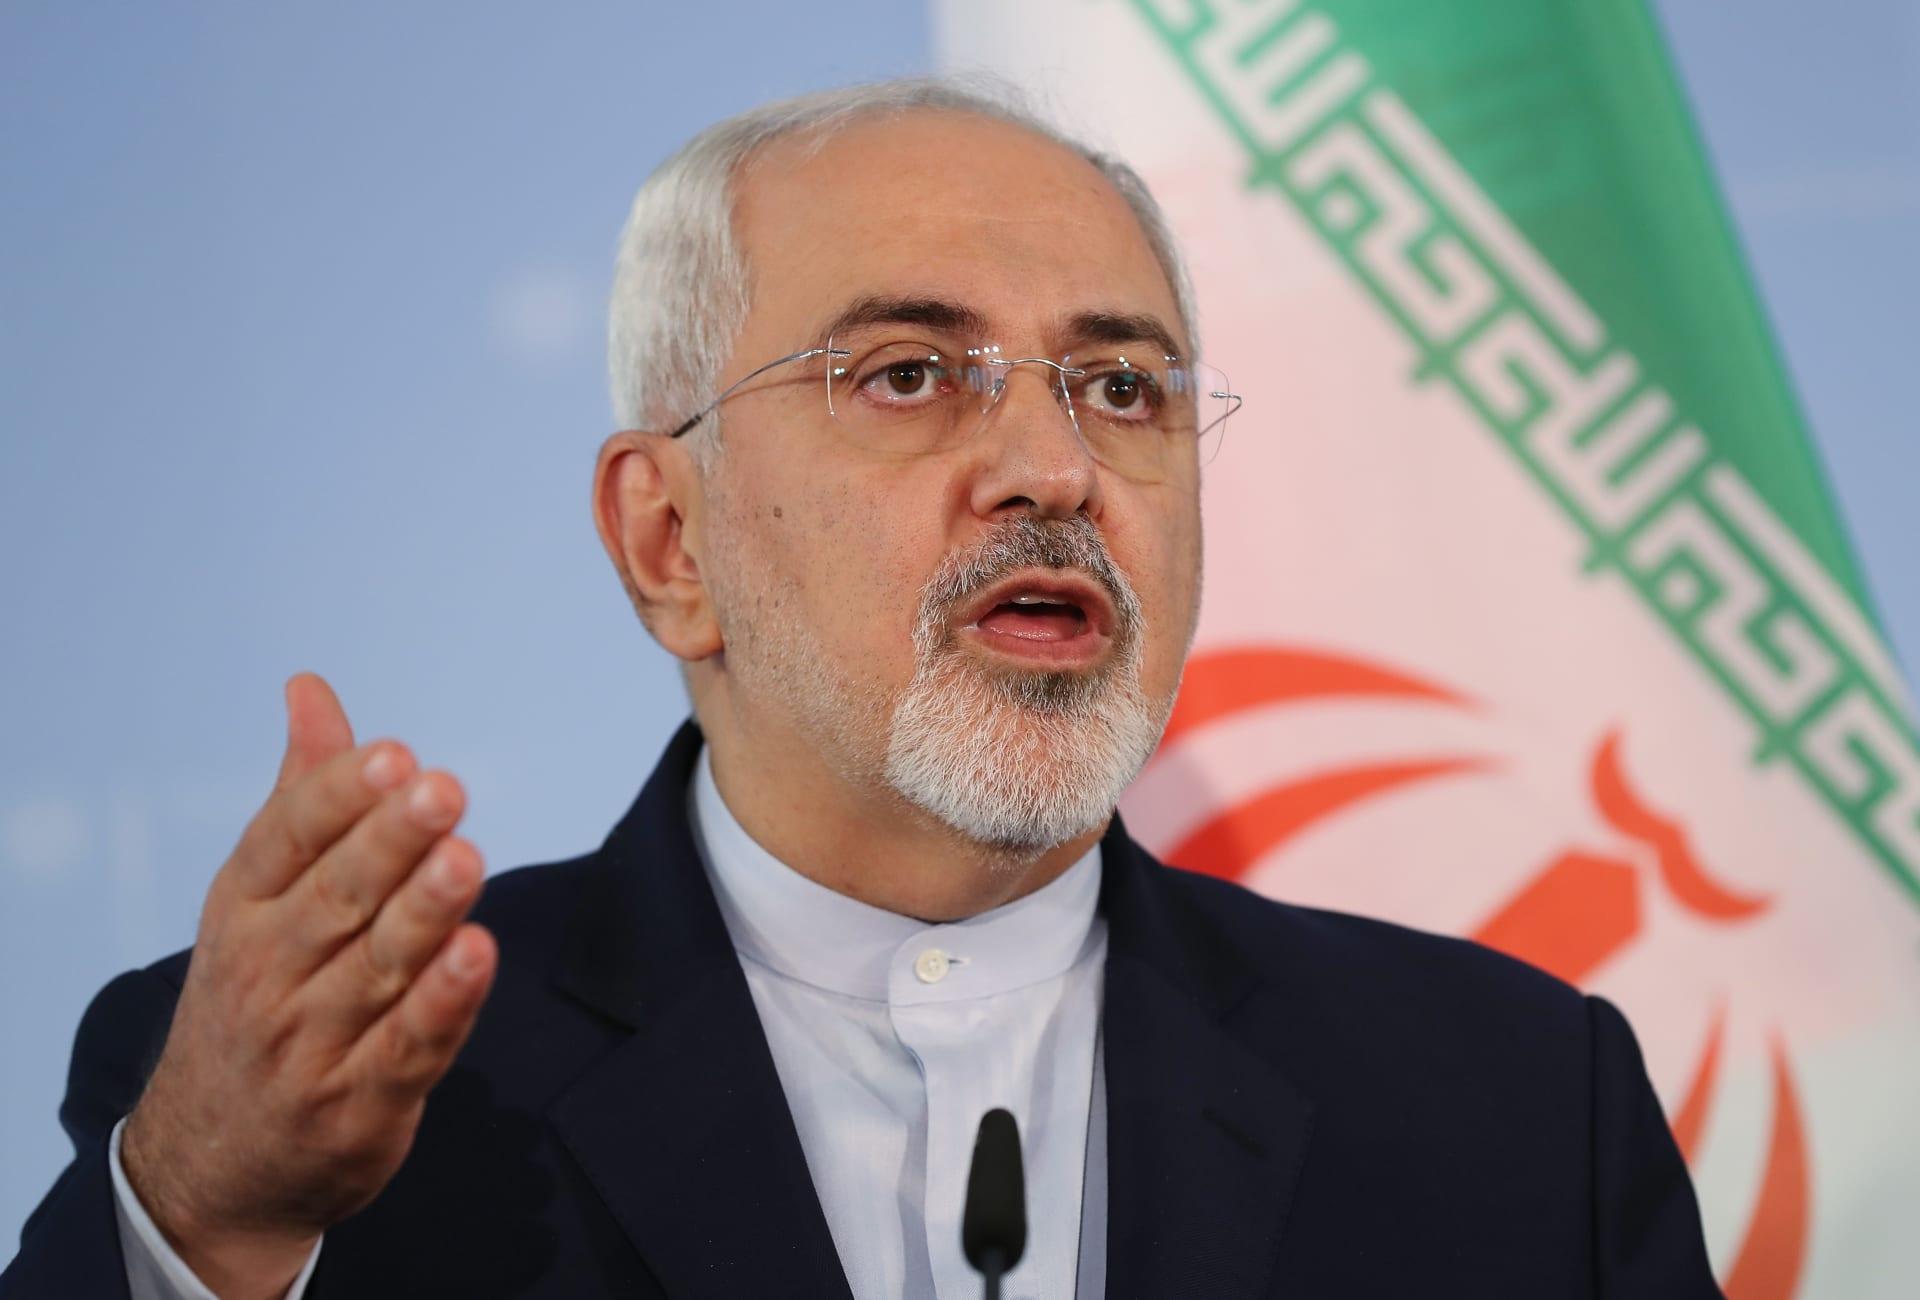 تصريح لوزير الخارجية بشأن غسيل الأموال يثير جدلًا في إيران